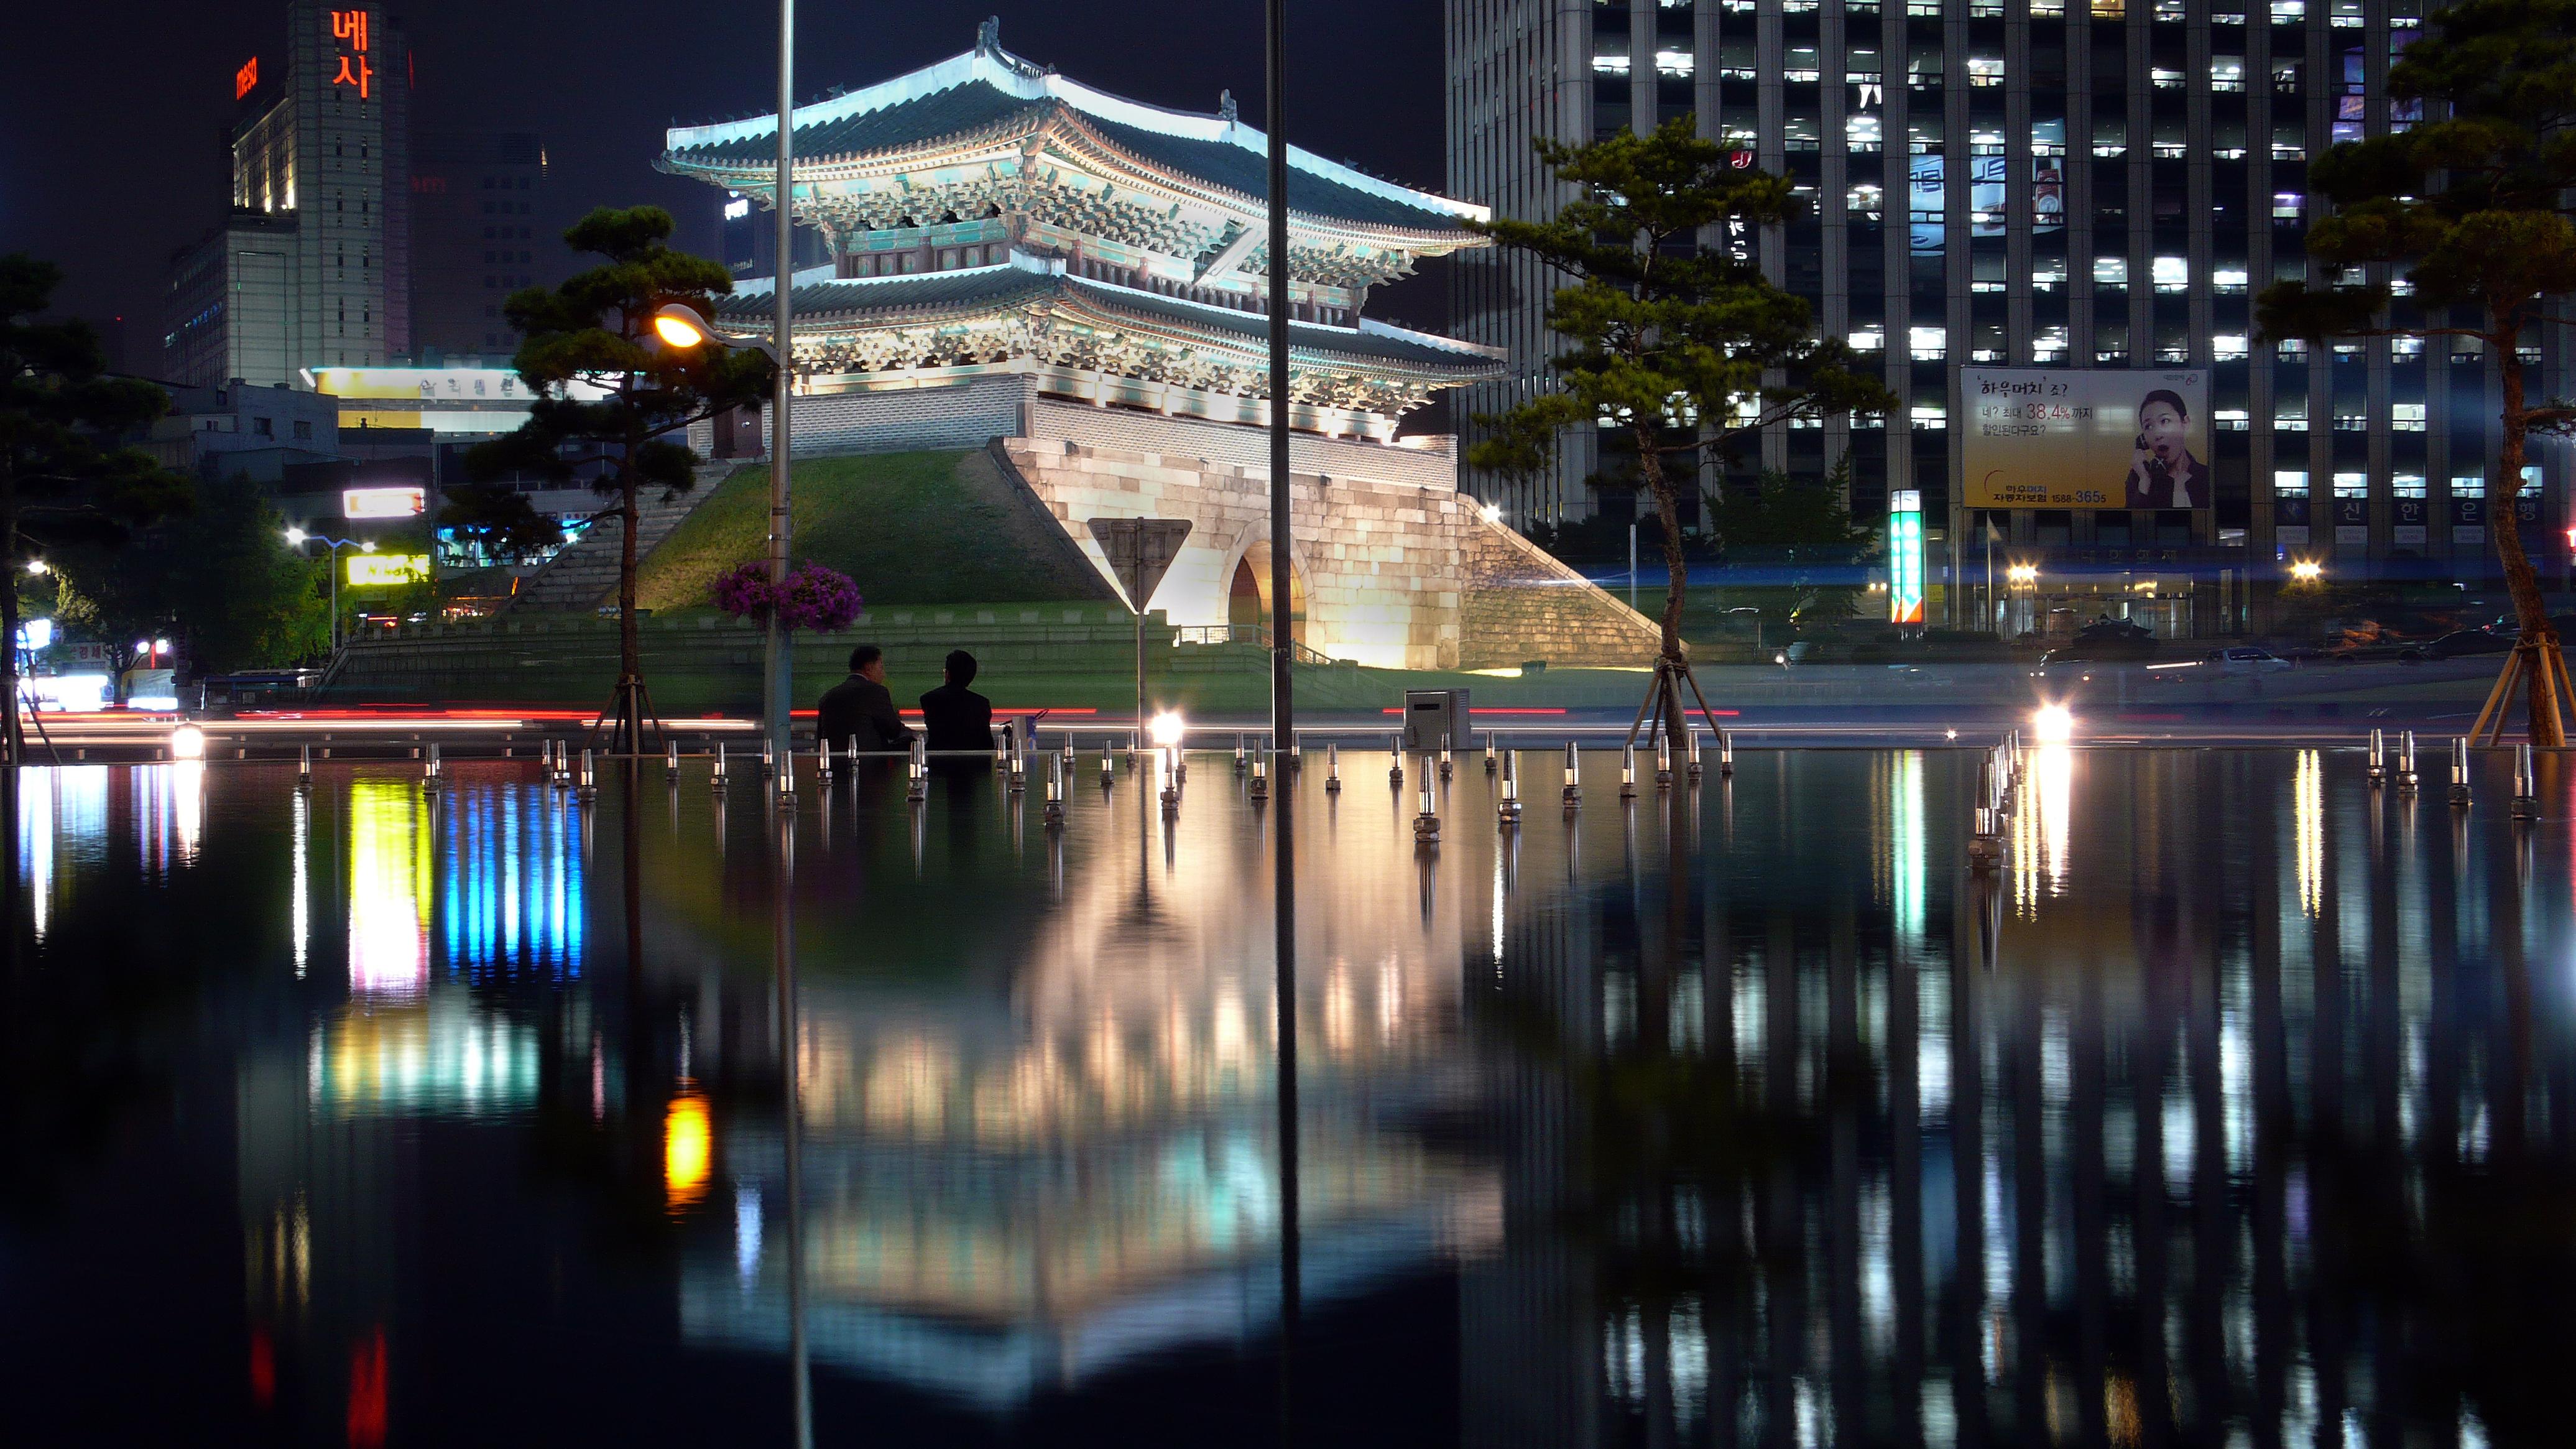 سيول, كوريا الجنوبية, مساء, ناطحات السحاب, 4k, أضواء المدينة, سيتي